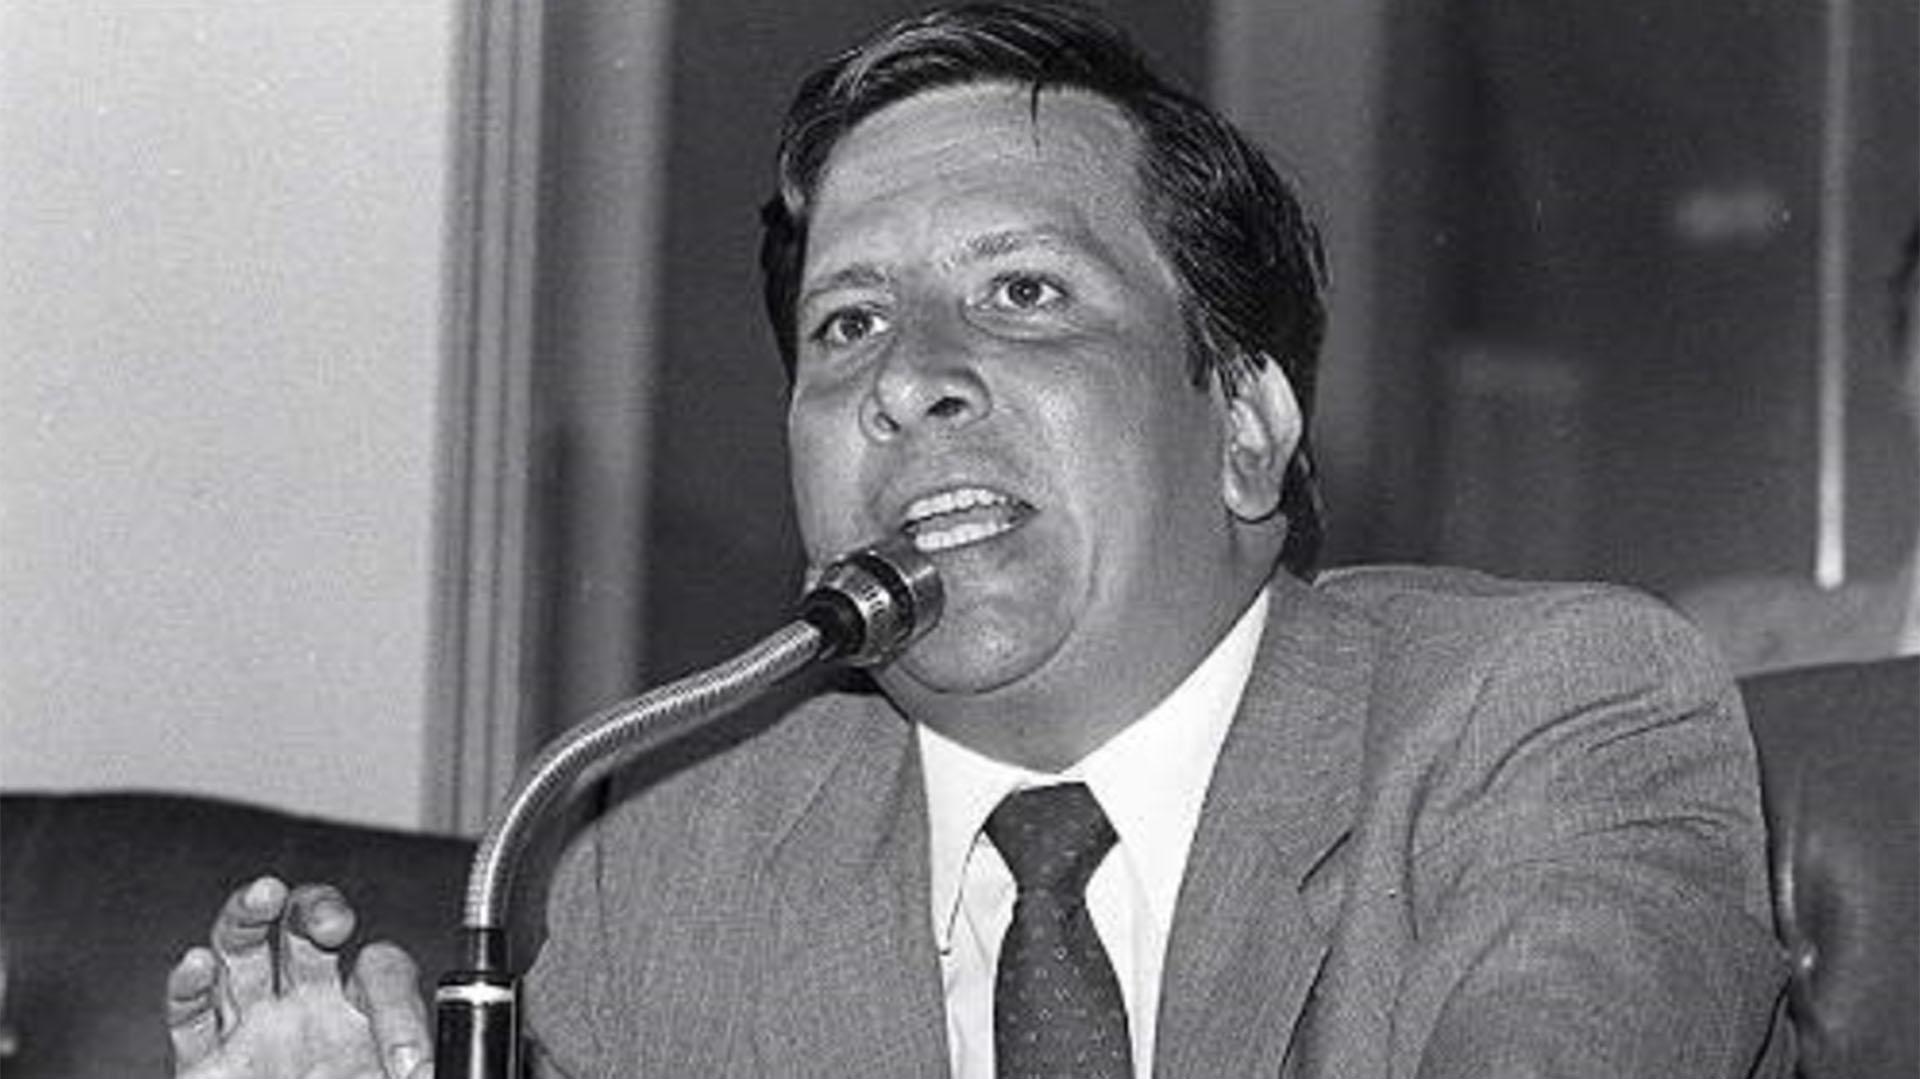 Rodrigo Lara Bonilla, ministro de Justicia asesinado por Pablo Escobar el 30 de abril de 1984.